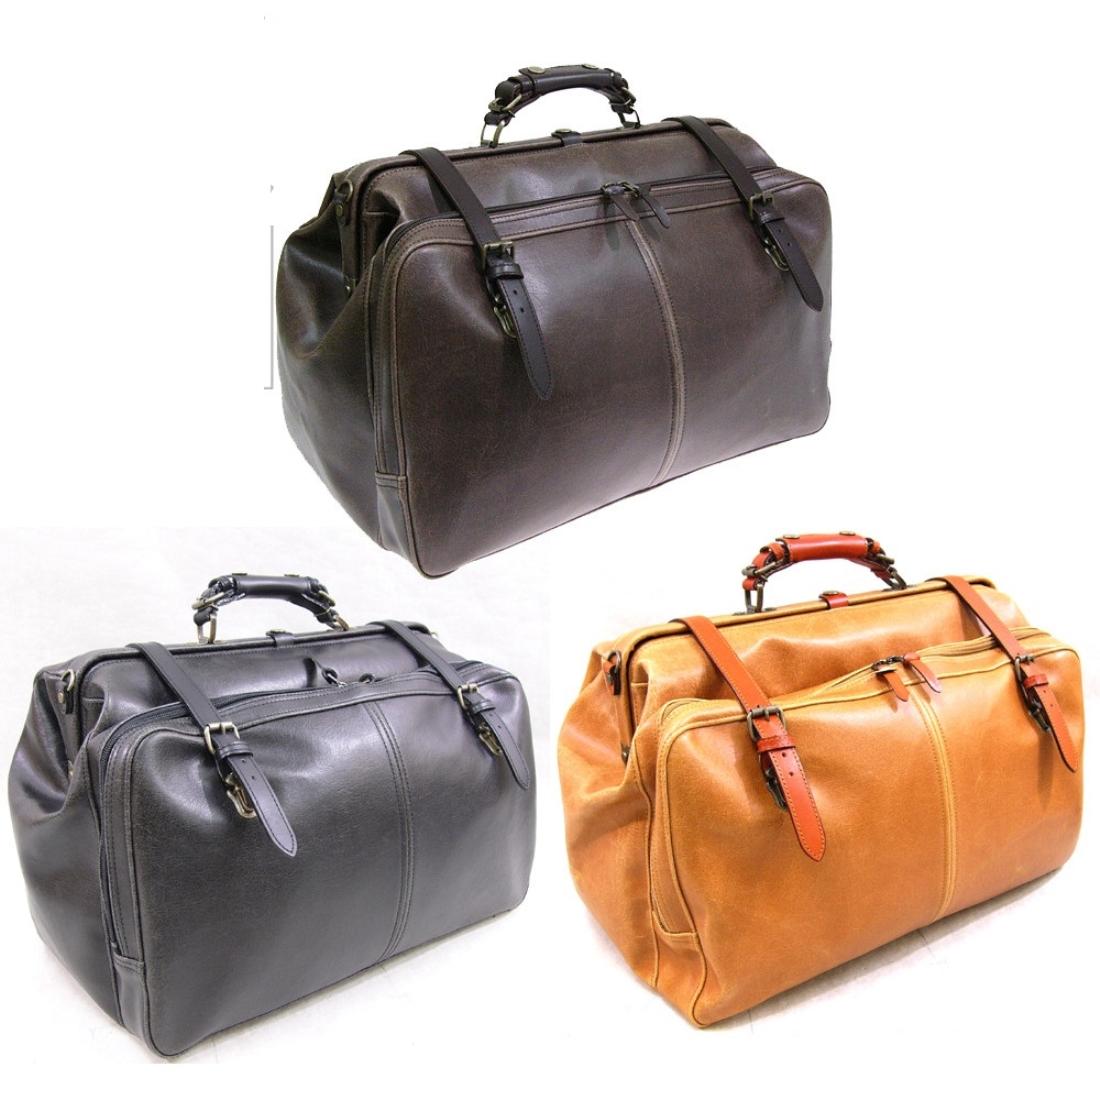 合皮アンティークフェイクレザー トラベル 旅行 ボストンバッグ ブラック 日本製革 鞄 ポケット ボストン トラベル 旅行 バッグ 本革/付属